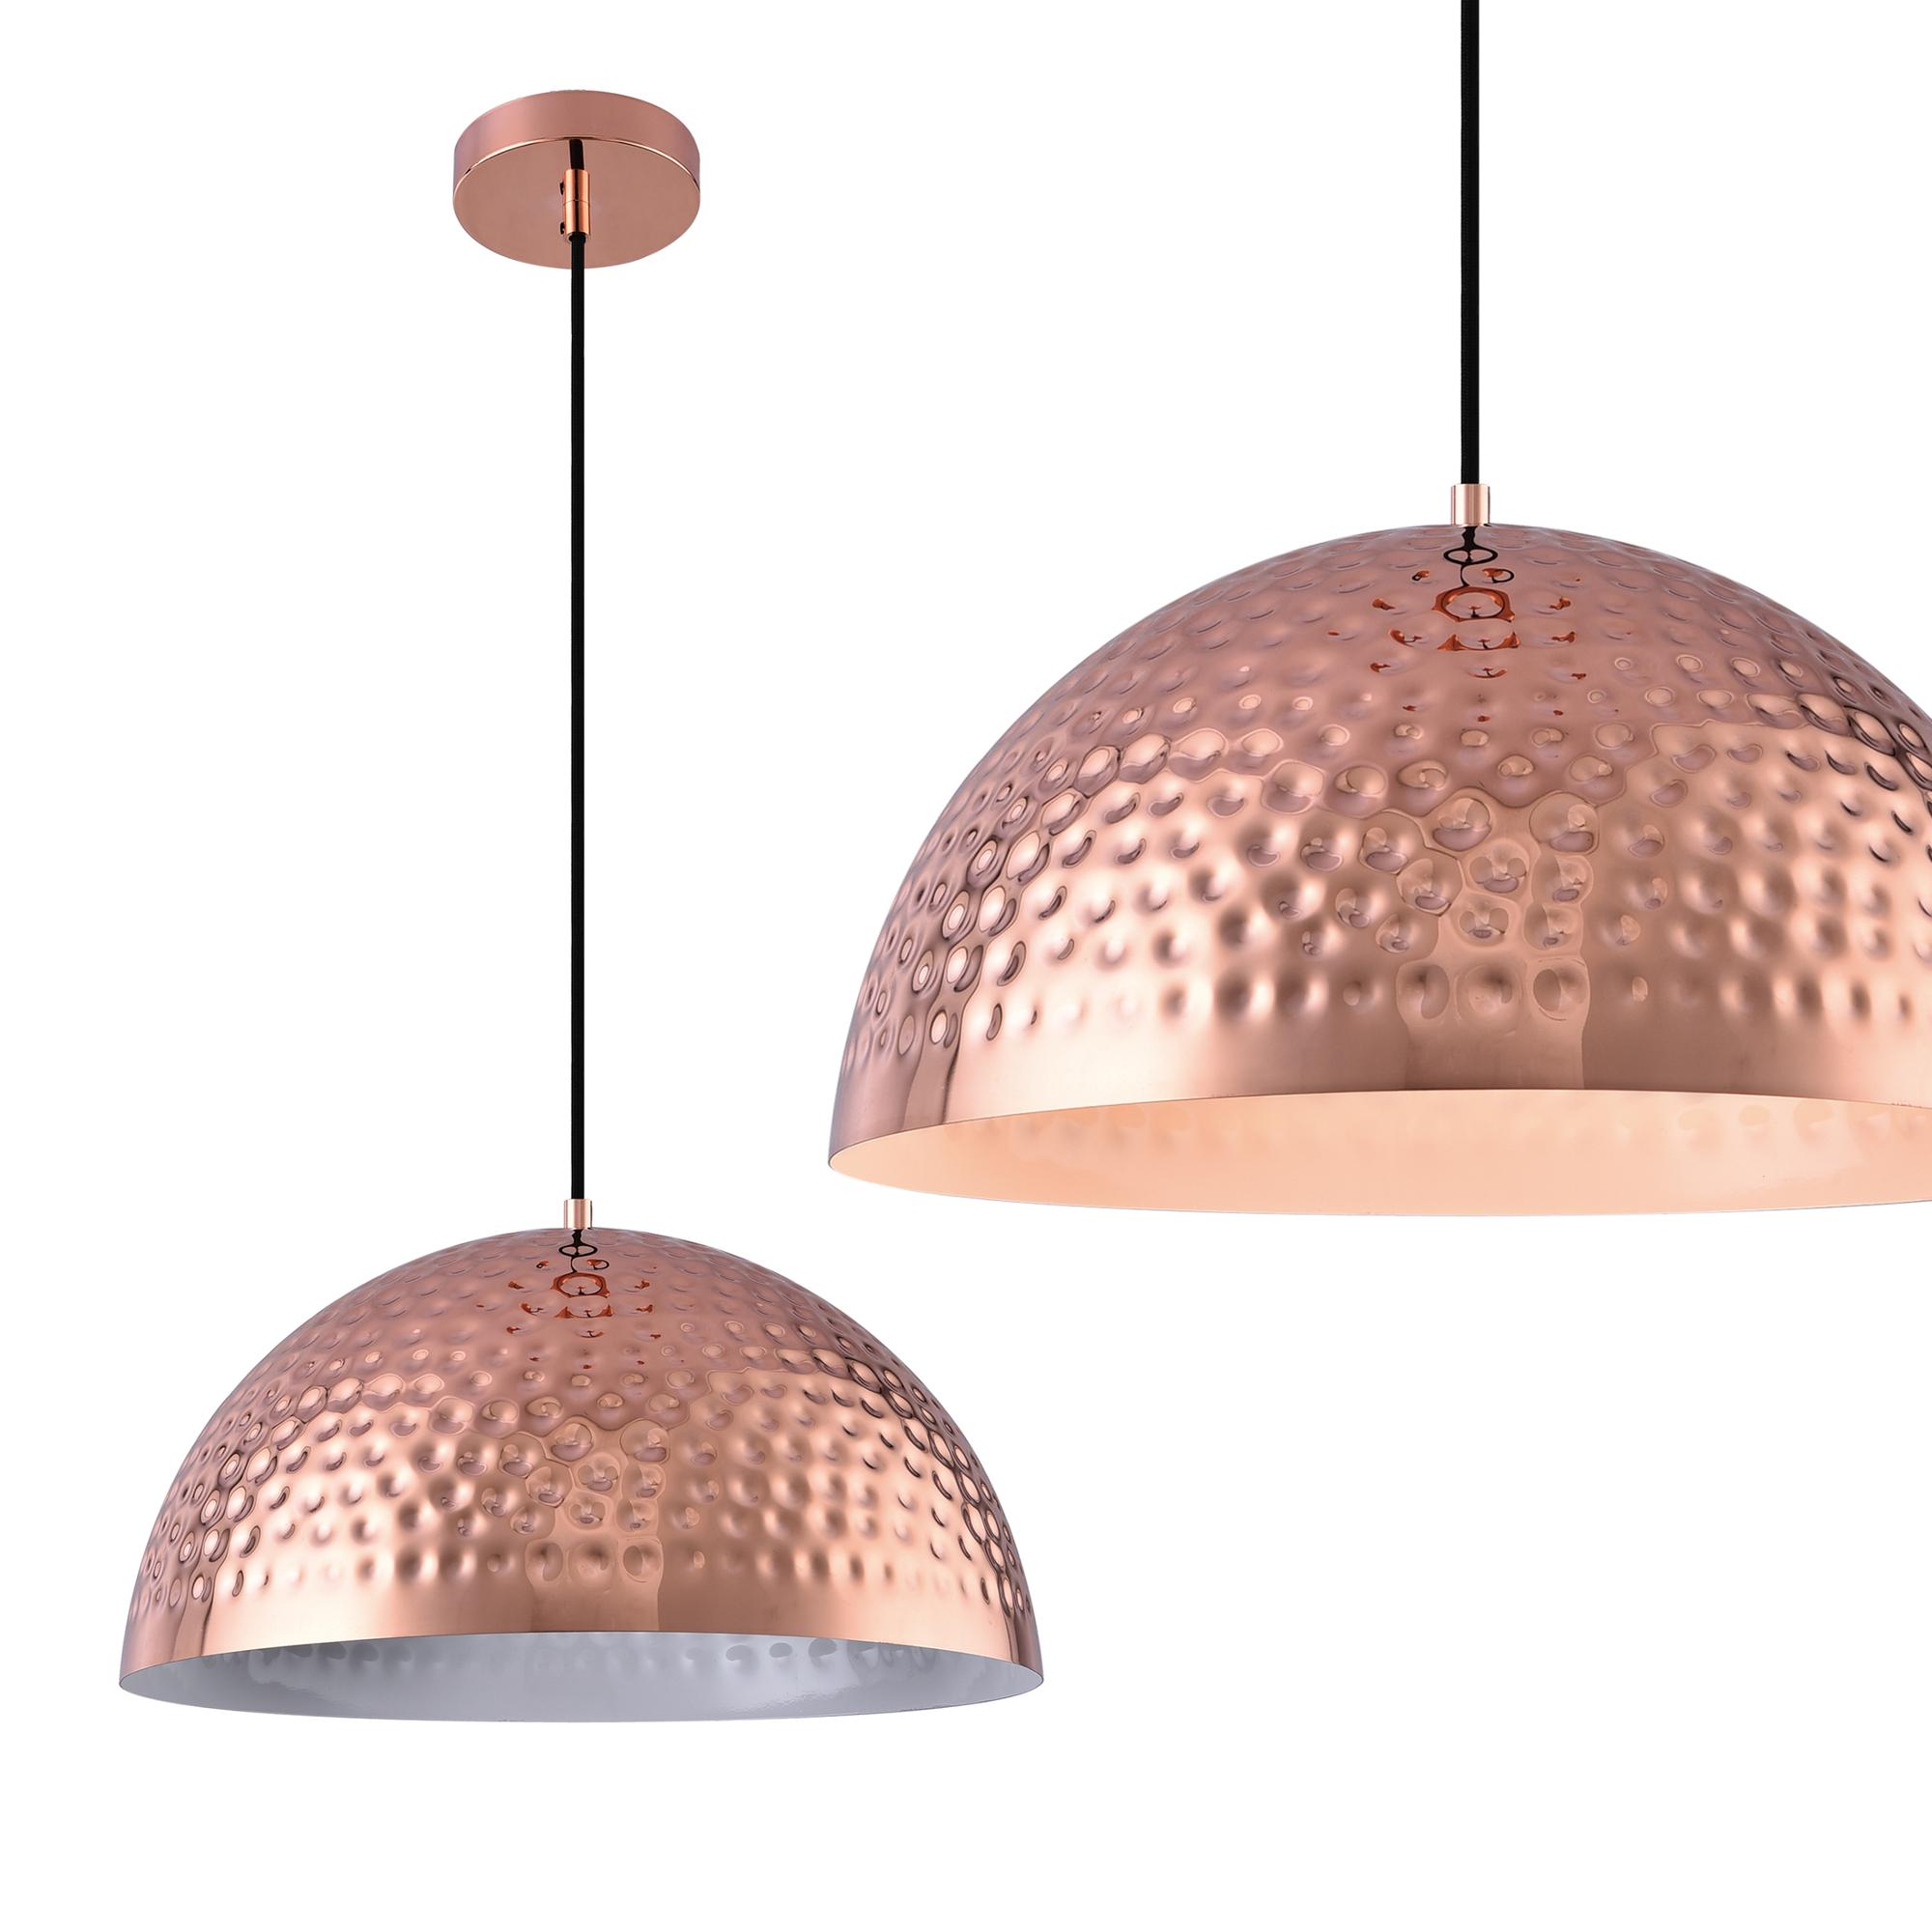 [lux.pro]® Dekoratívní designové závěsné svítidlo / stropní svítidlo - měděné–bílé (1 x E27)